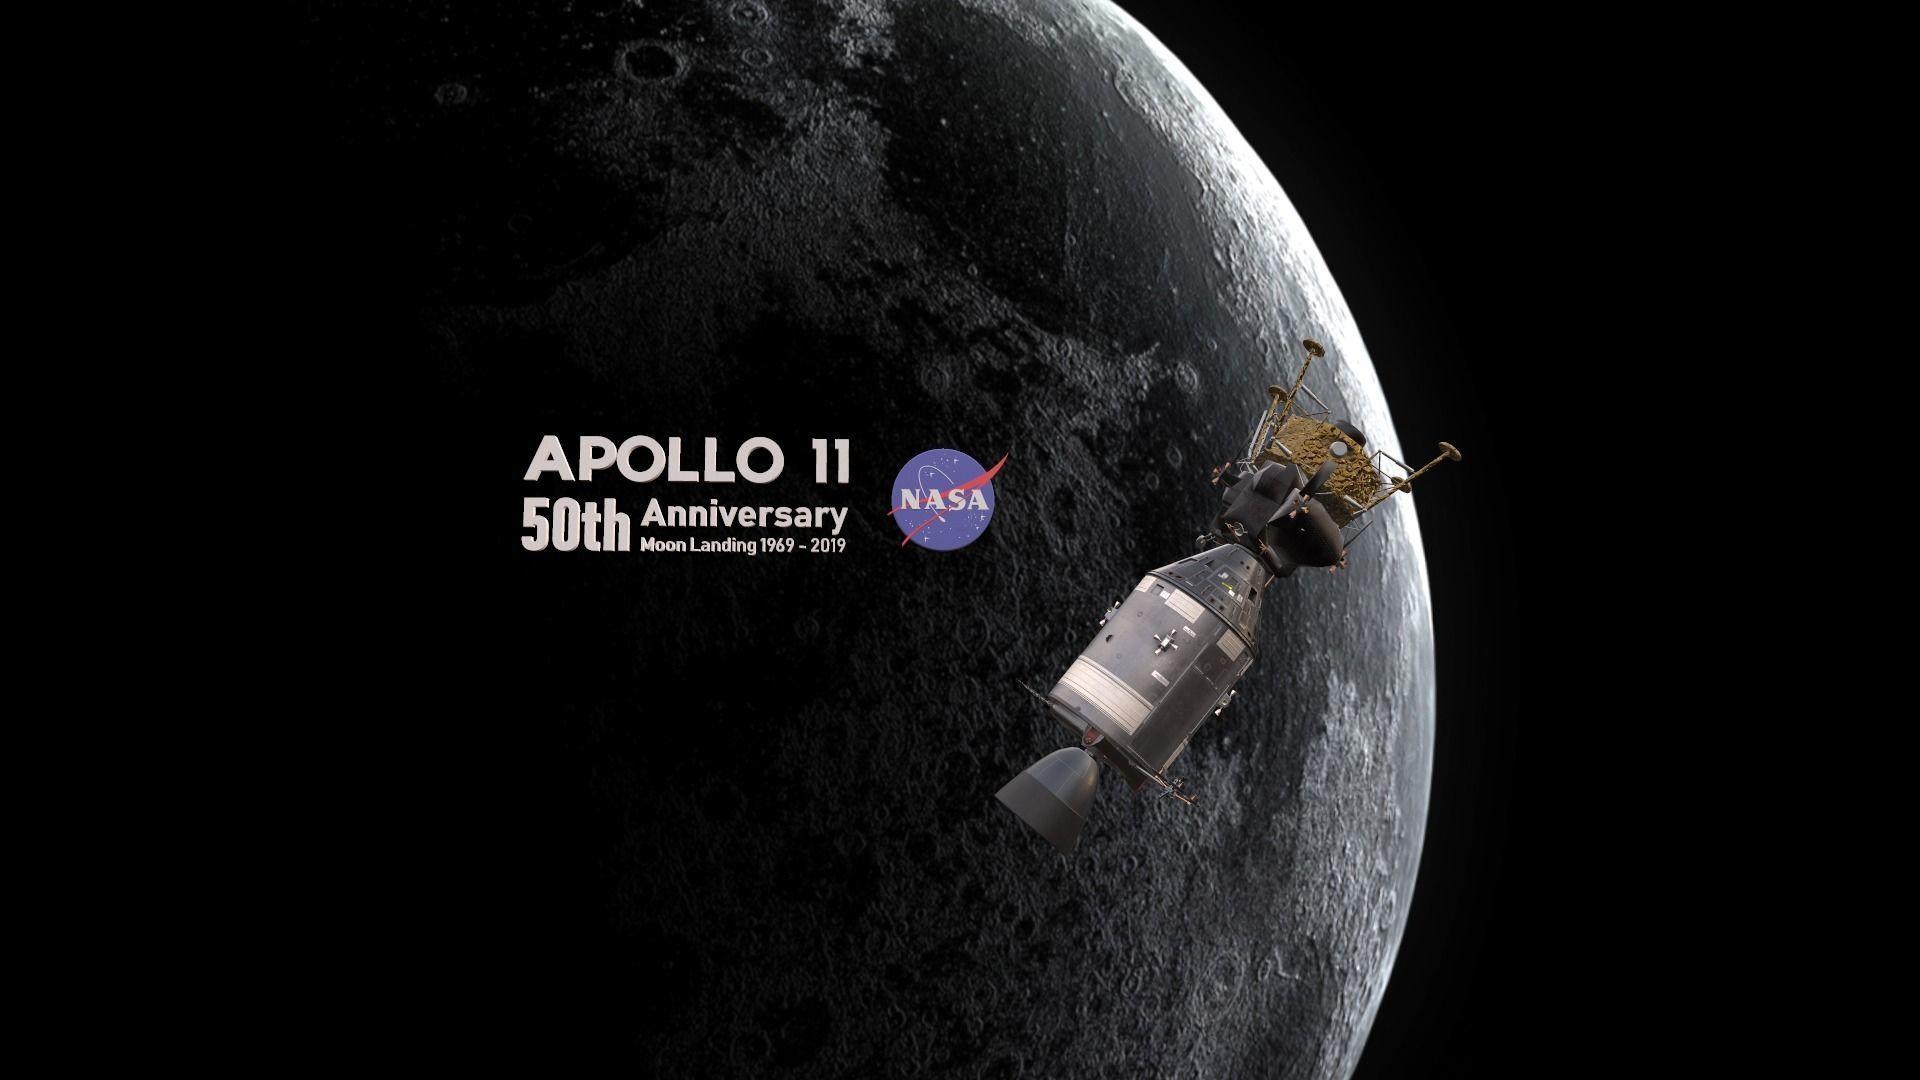 Apollo command Service module and Lunar Module